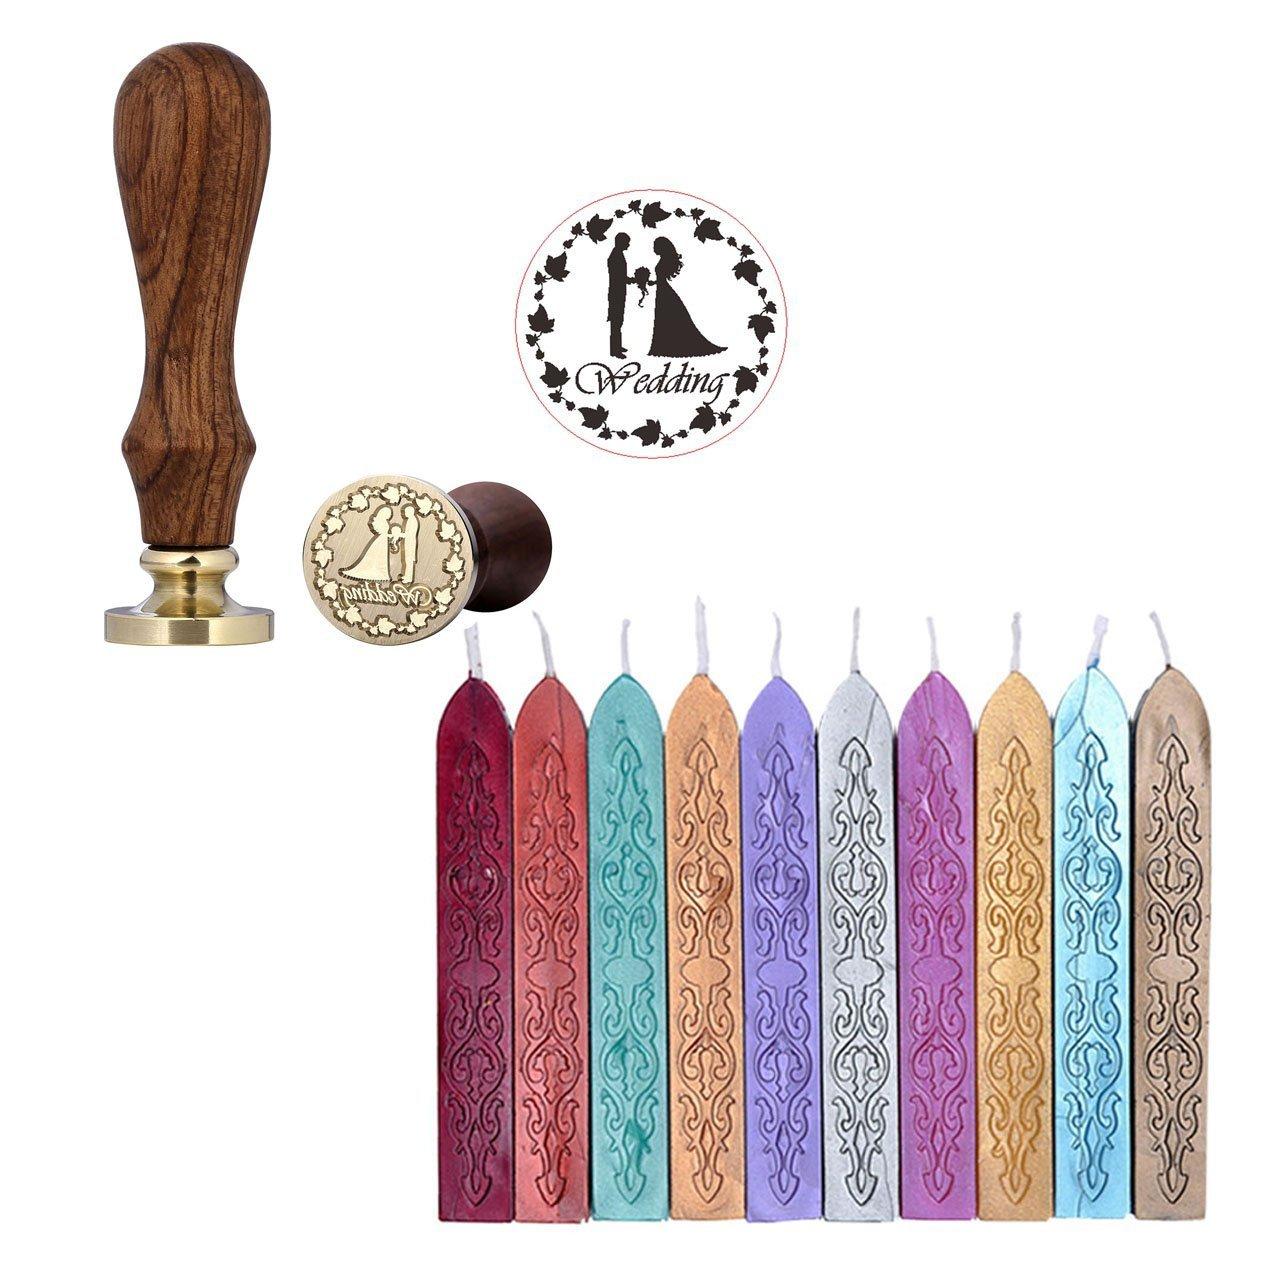 Siegel-Stempelset von mogoko 1/Siegelstempel und 10/antike Siegelwachsstangen mit Docht Wedding